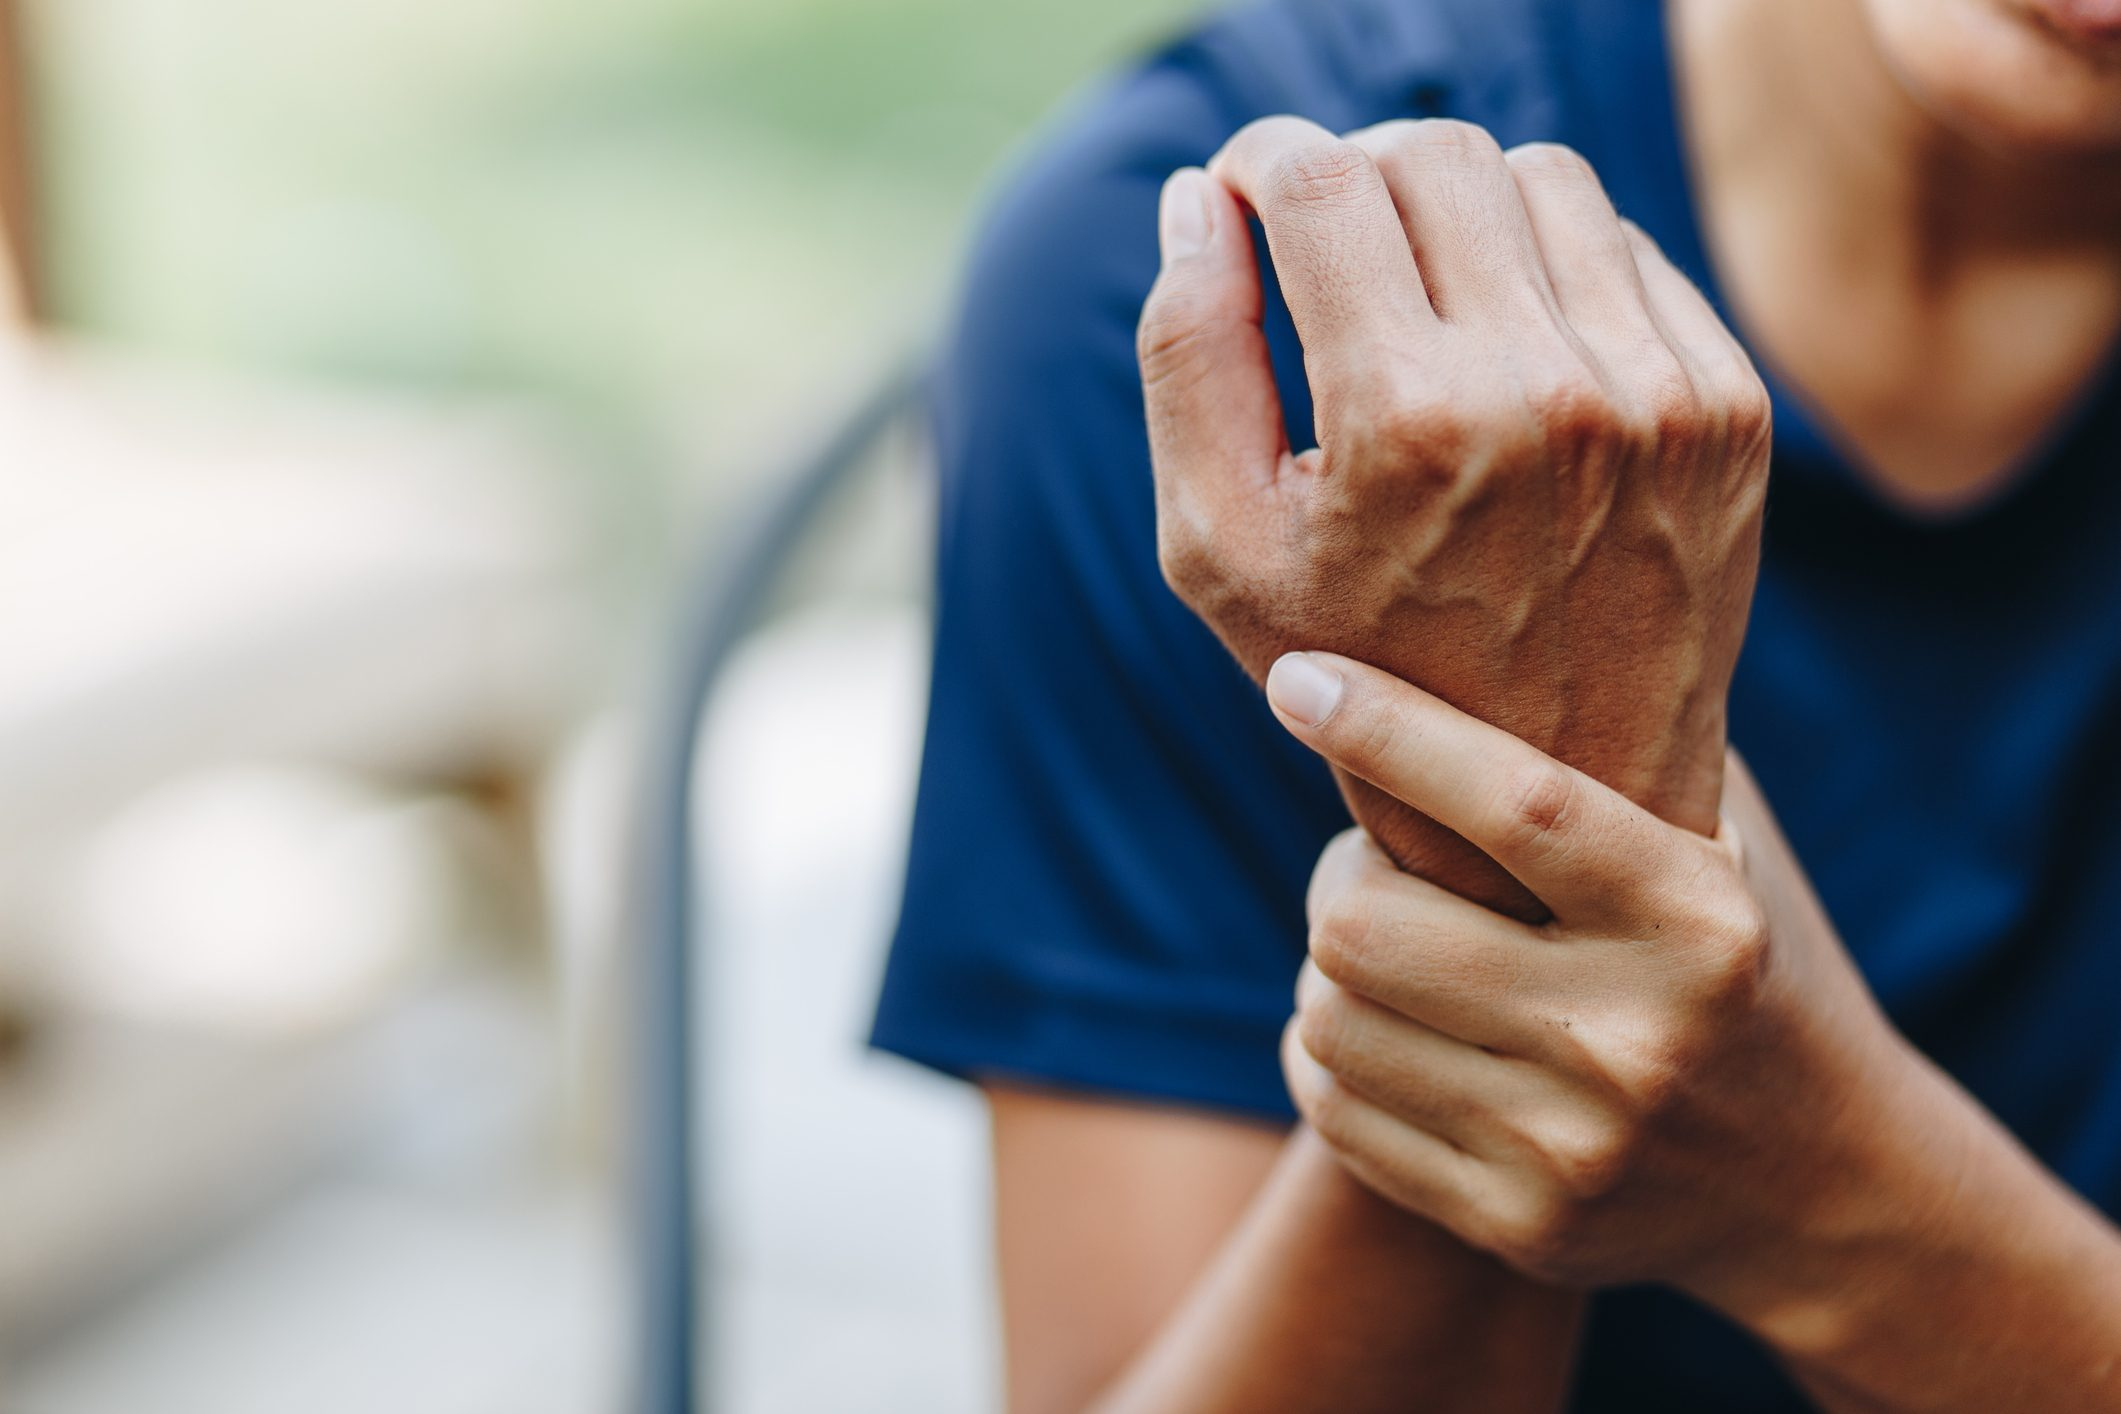 Artrite reumatoide: sintomi e 'campanelli d'allarme' da non sottovalutare